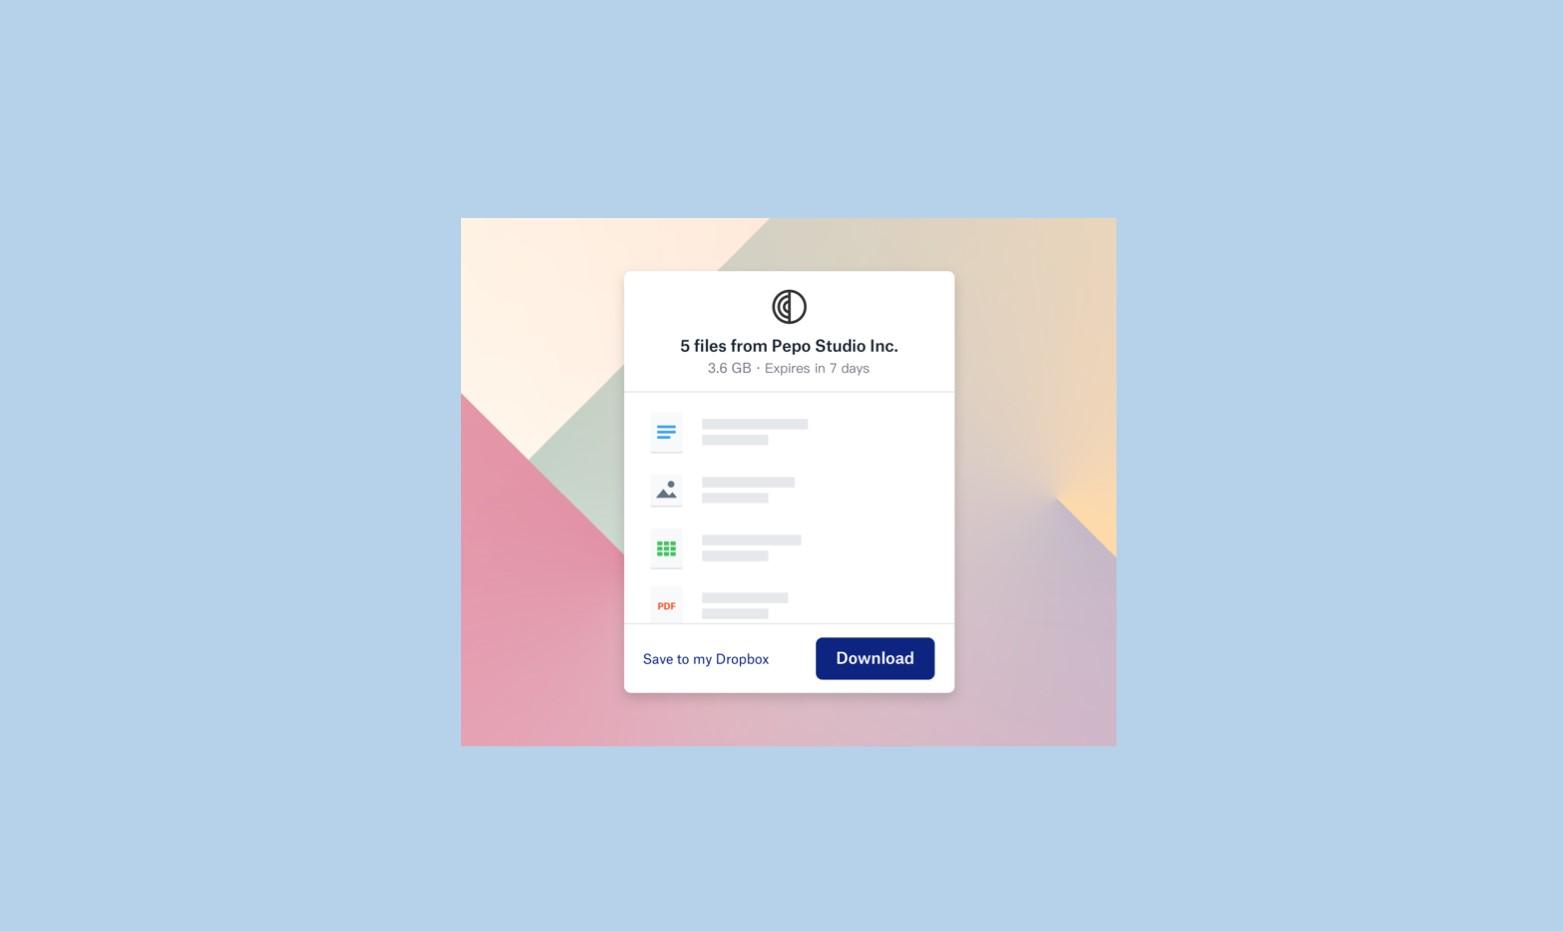 Služba Dropbox Transfer je dostupná pro všechny